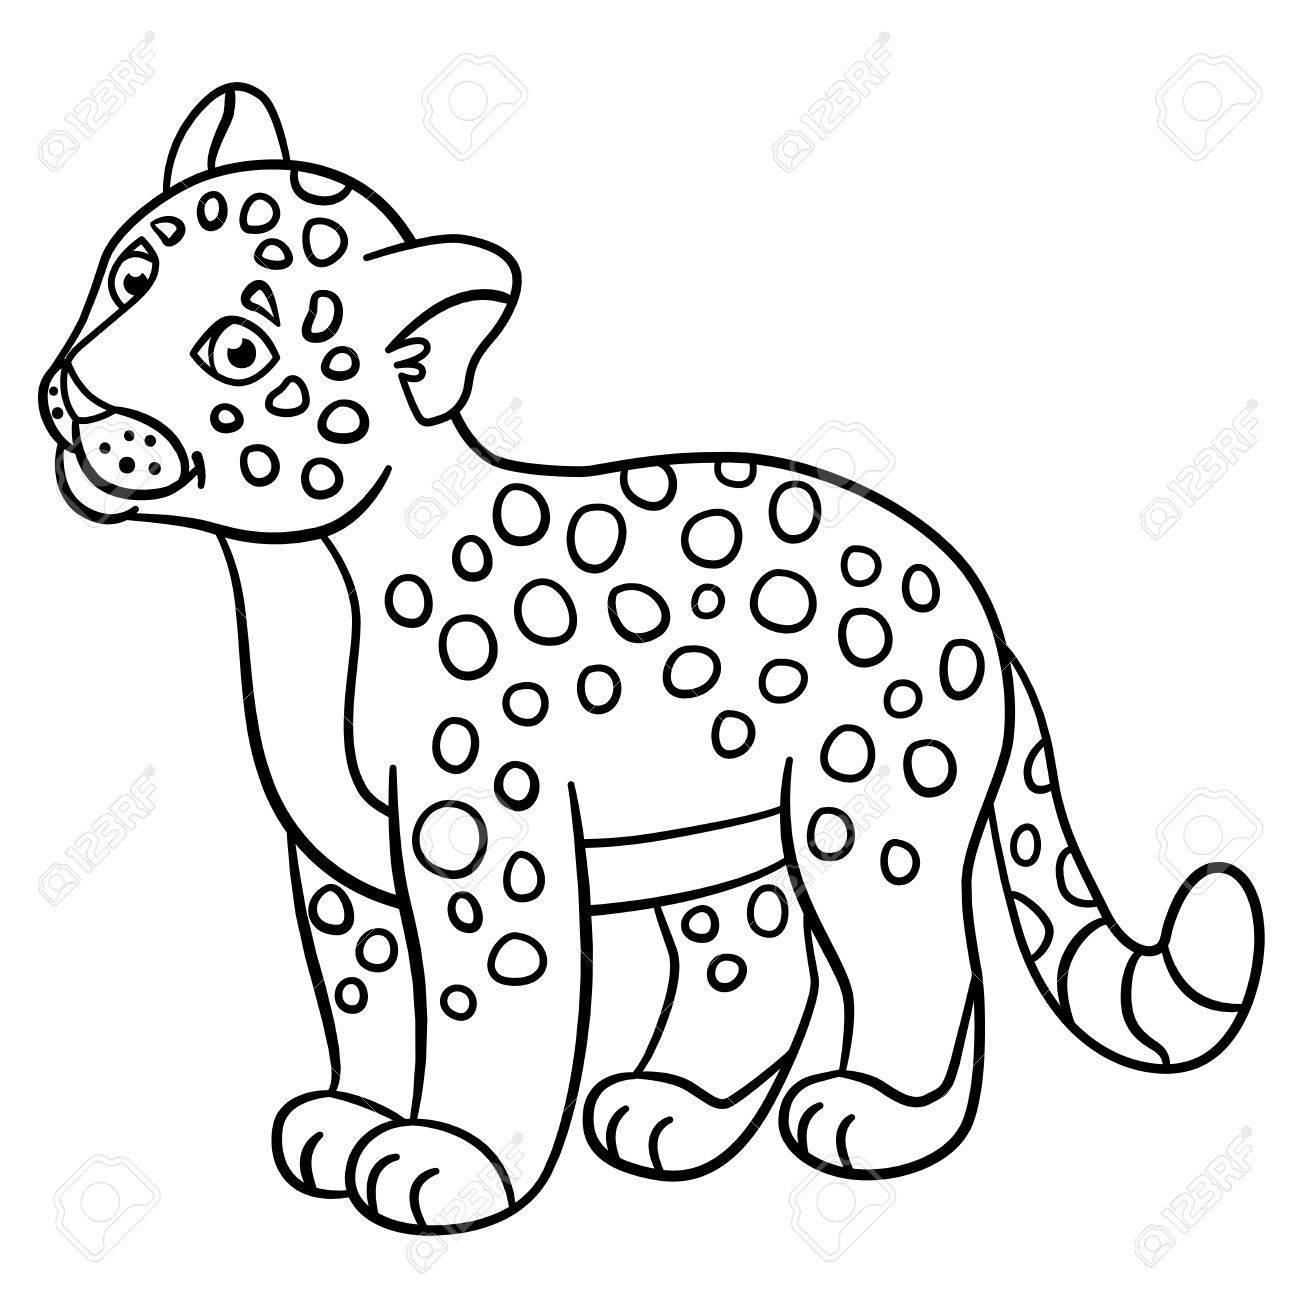 Páginas Para Colorear. El Pequeño Bebé Jaguar Manchado Lindo Sonríe ...